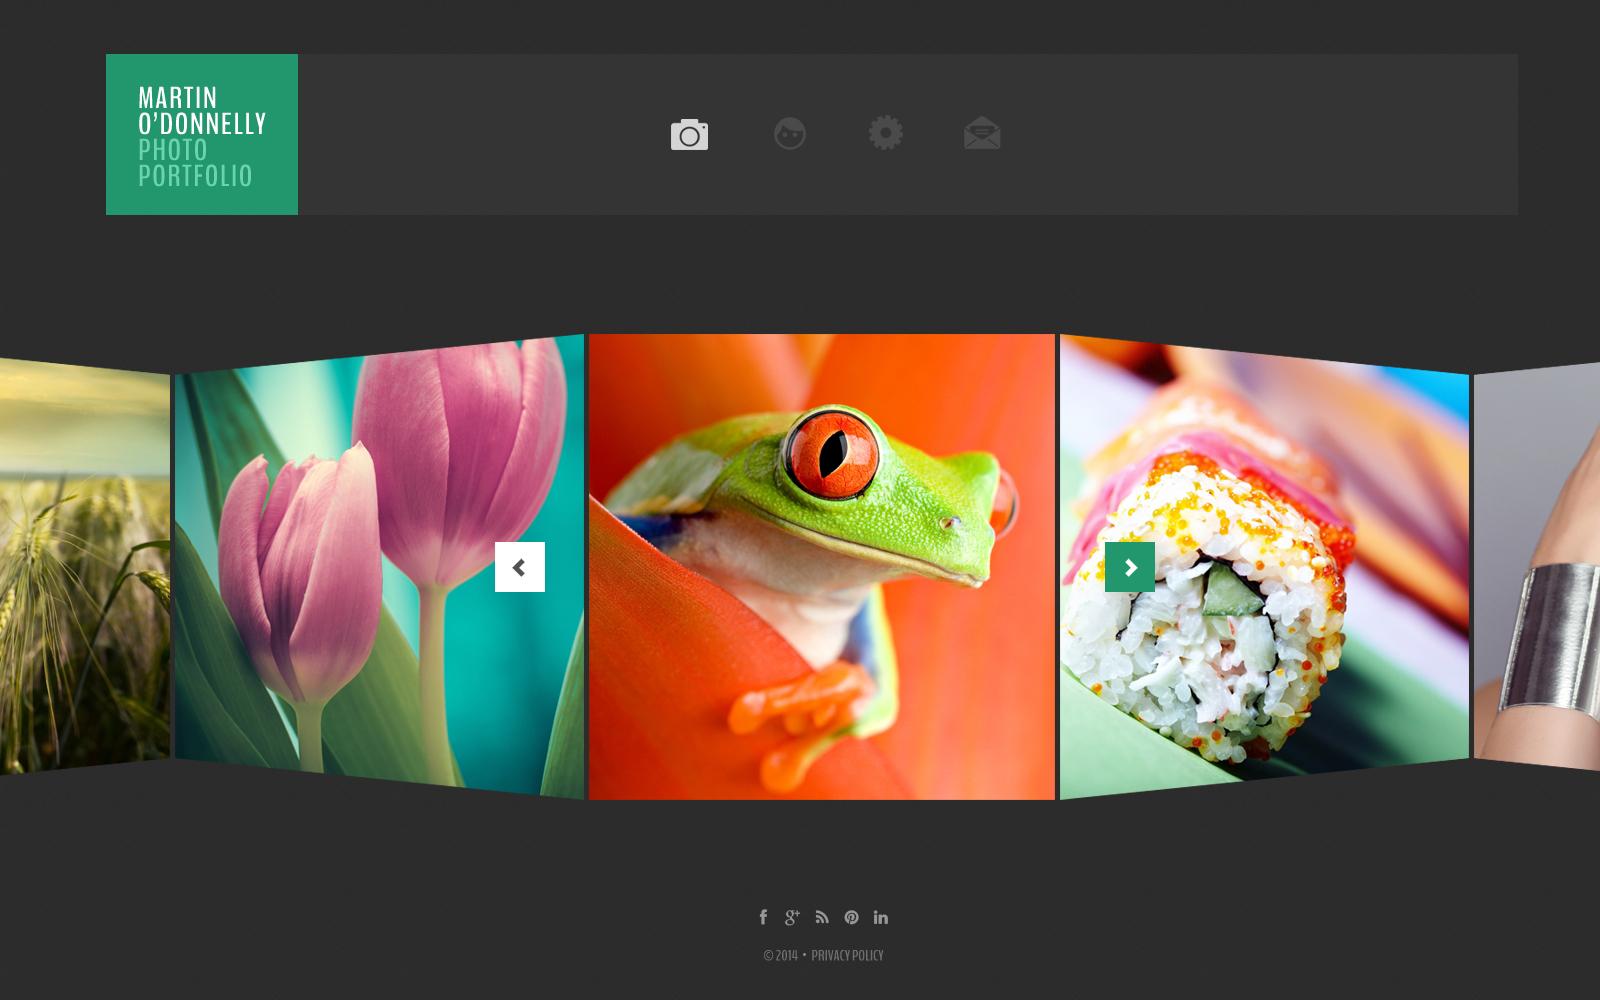 Bootstrap Fotoğrafçı Portföyü Web Sitesi #50506